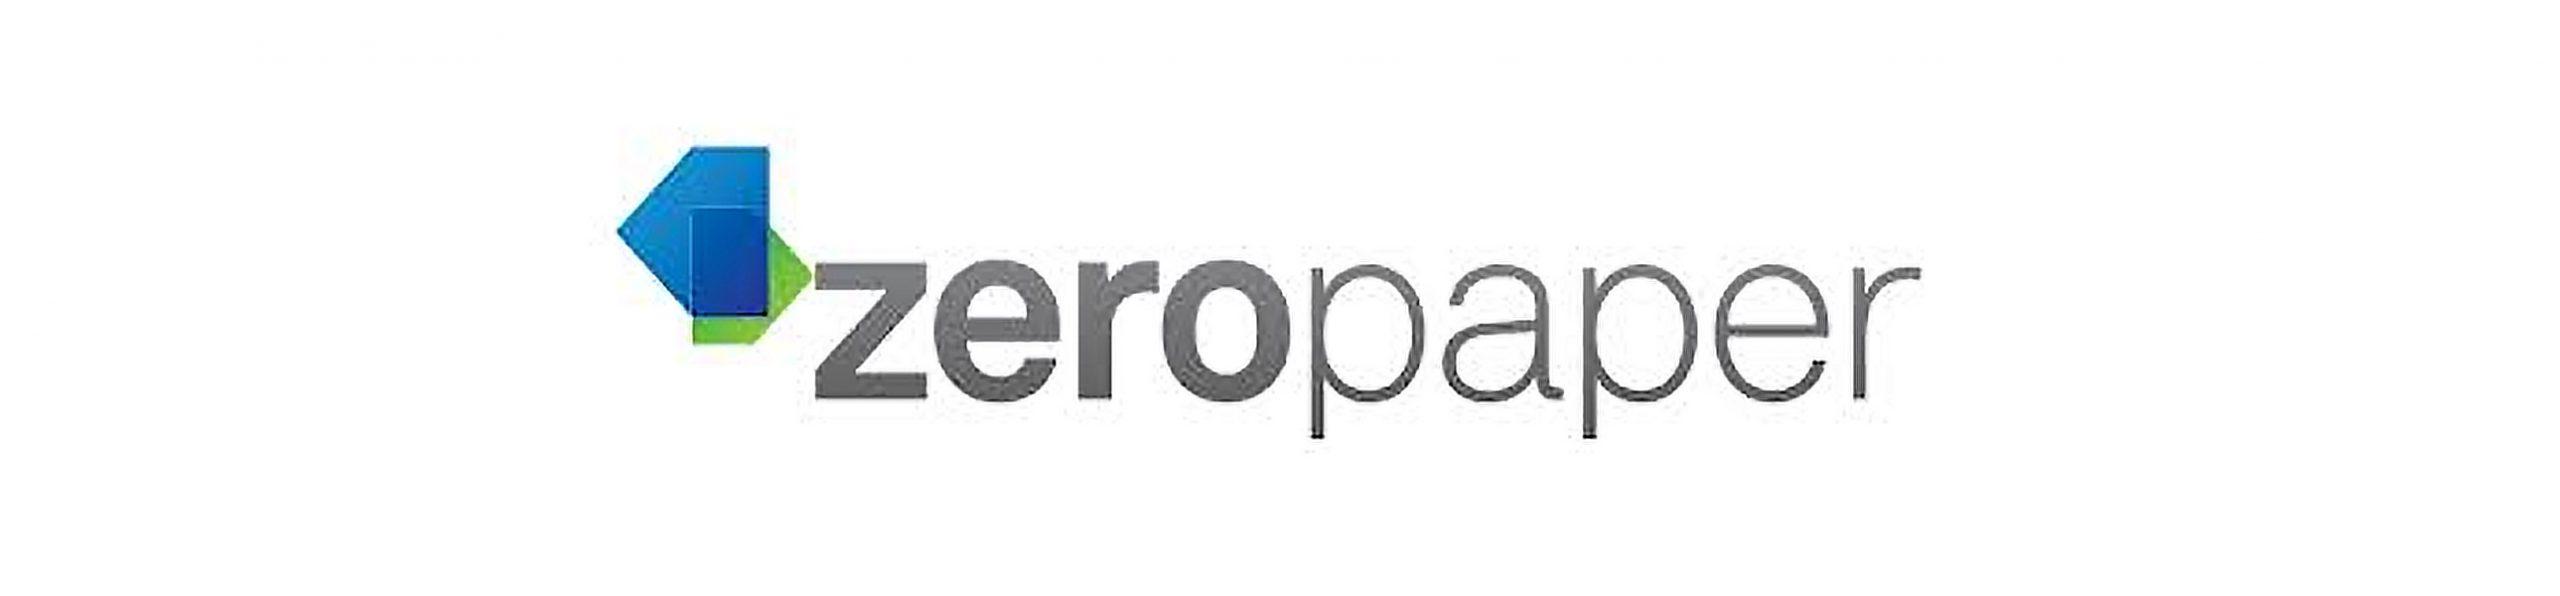 Ferramentas de gestão empresarial: ZeroPaper